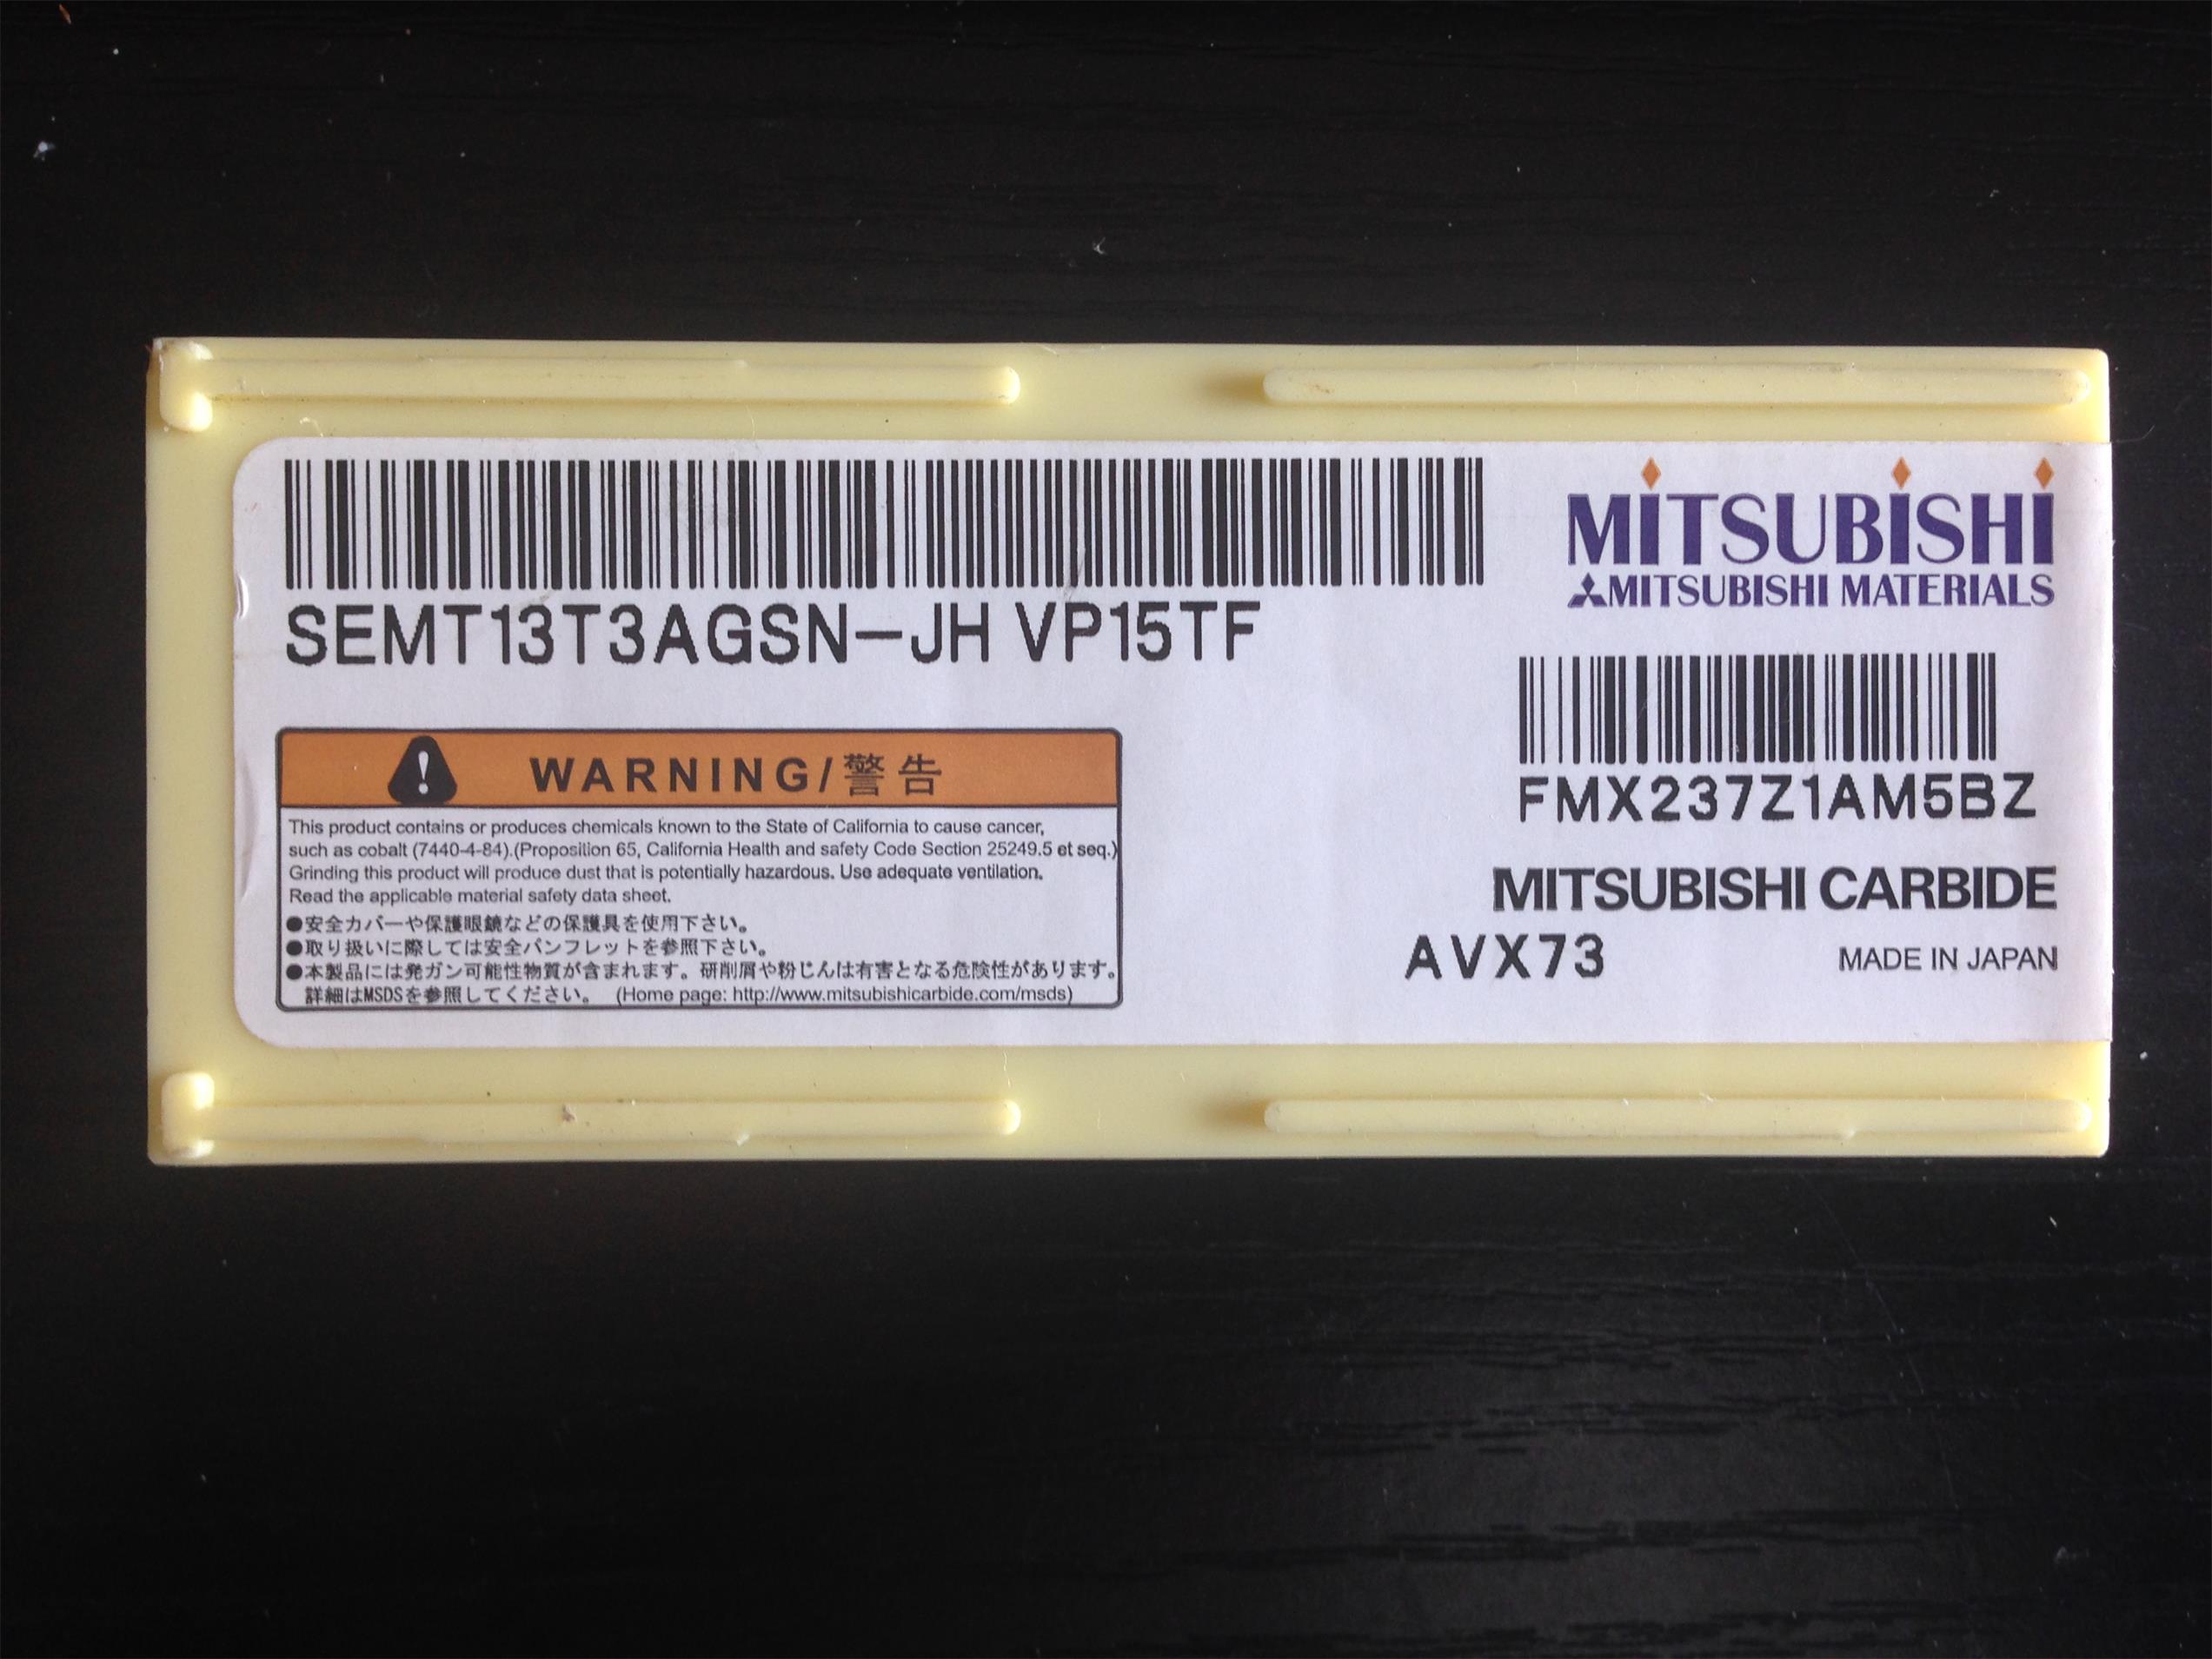 三菱MITSUBISHI 数控刀片 SEMT13T3AGSN-JH VP15TF